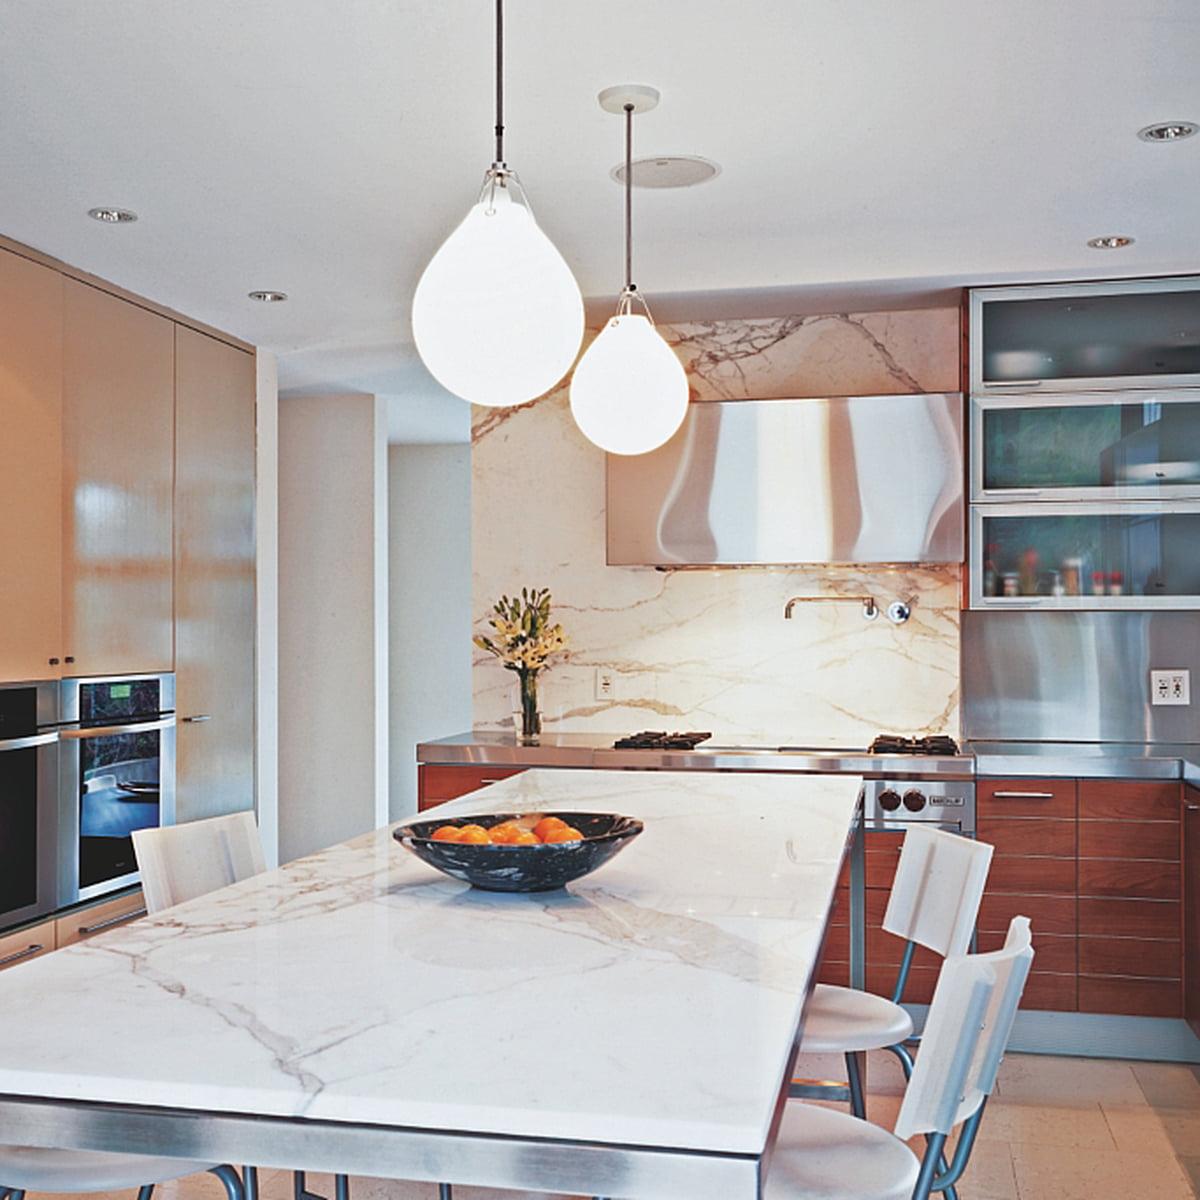 Pendelleuchte Küche Höhenverstellbar | Led Pendelleuchte Deckenleuchte Hange Lampe Designleuchte Kuche